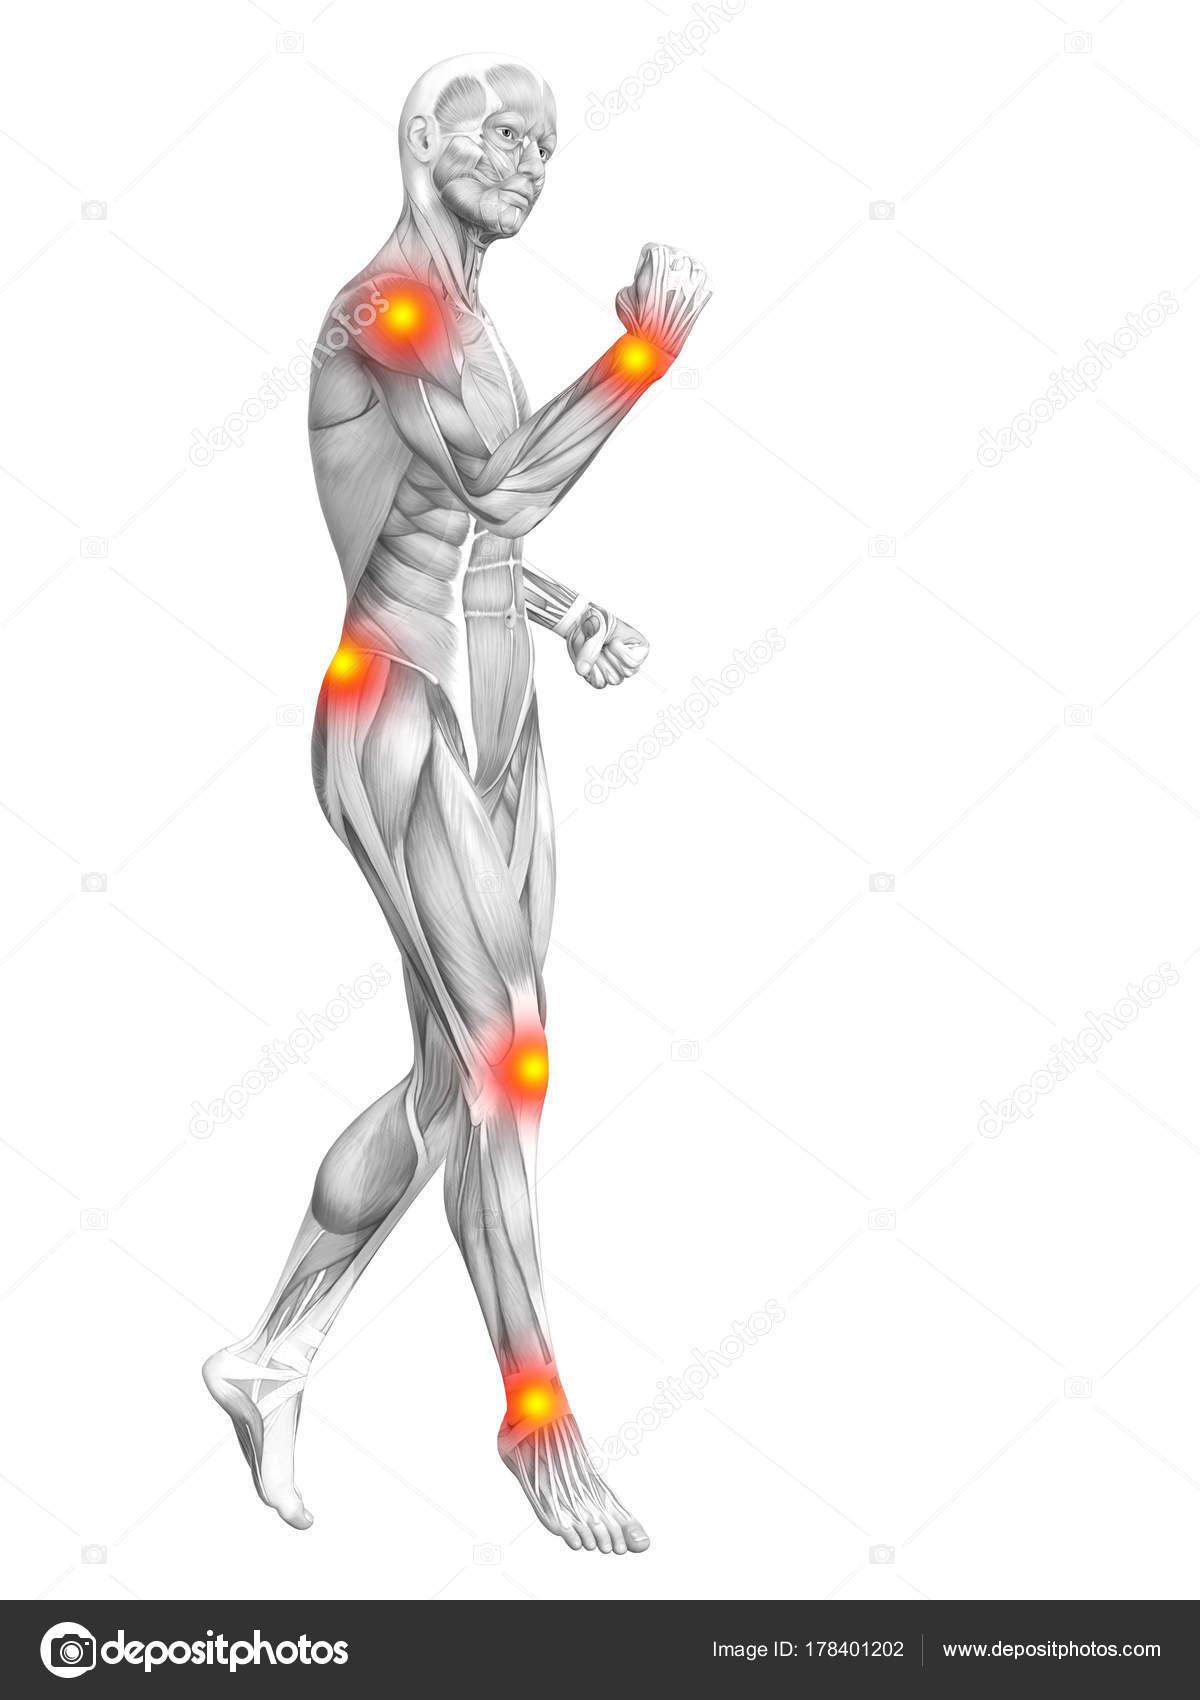 Excelente Anatomía Muscular Hoja De Etiquetado Friso - Imágenes de ...